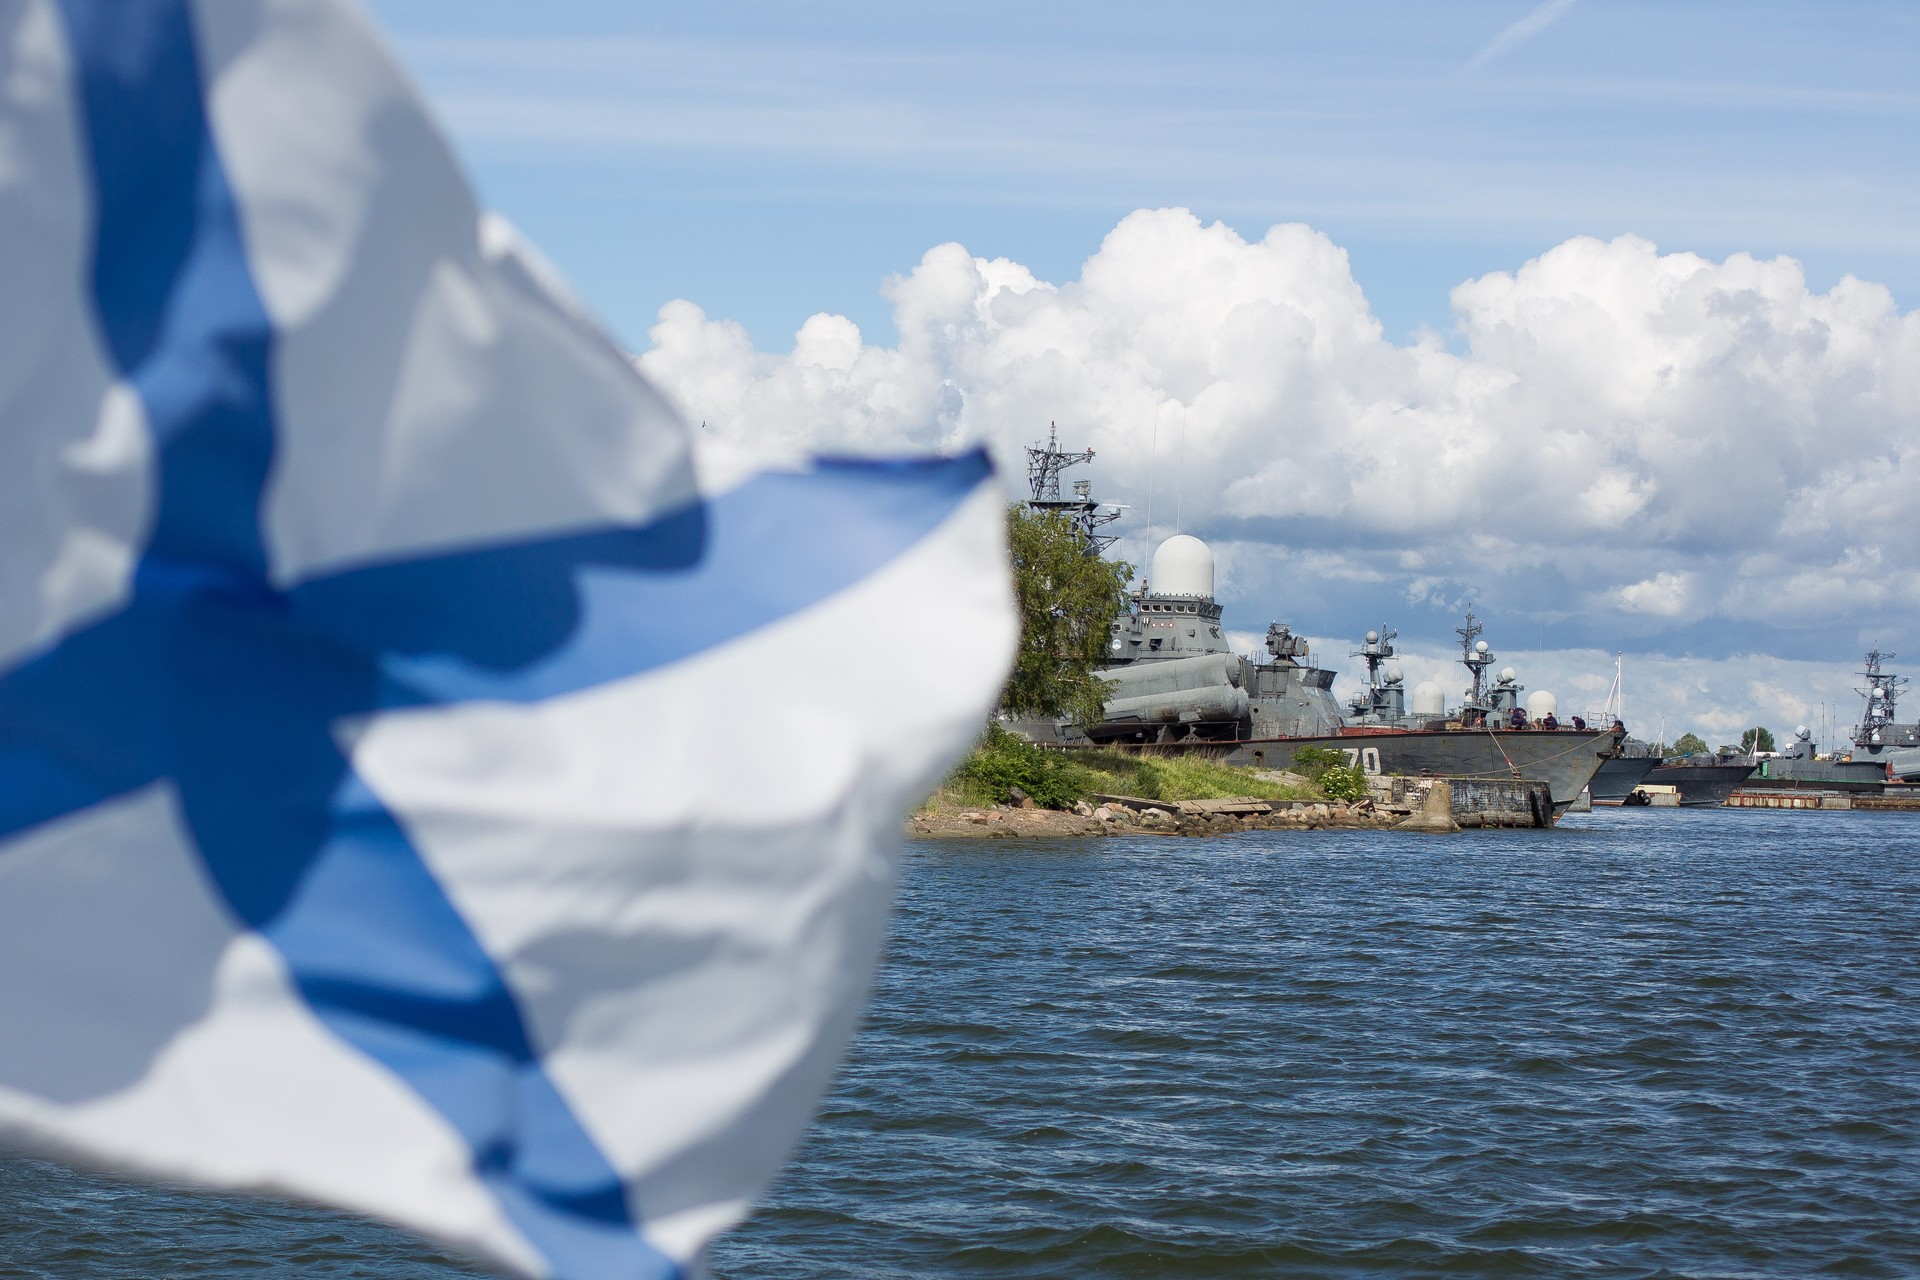 Zastava ruske mornarice na vojaški ladji v Kaliningradu